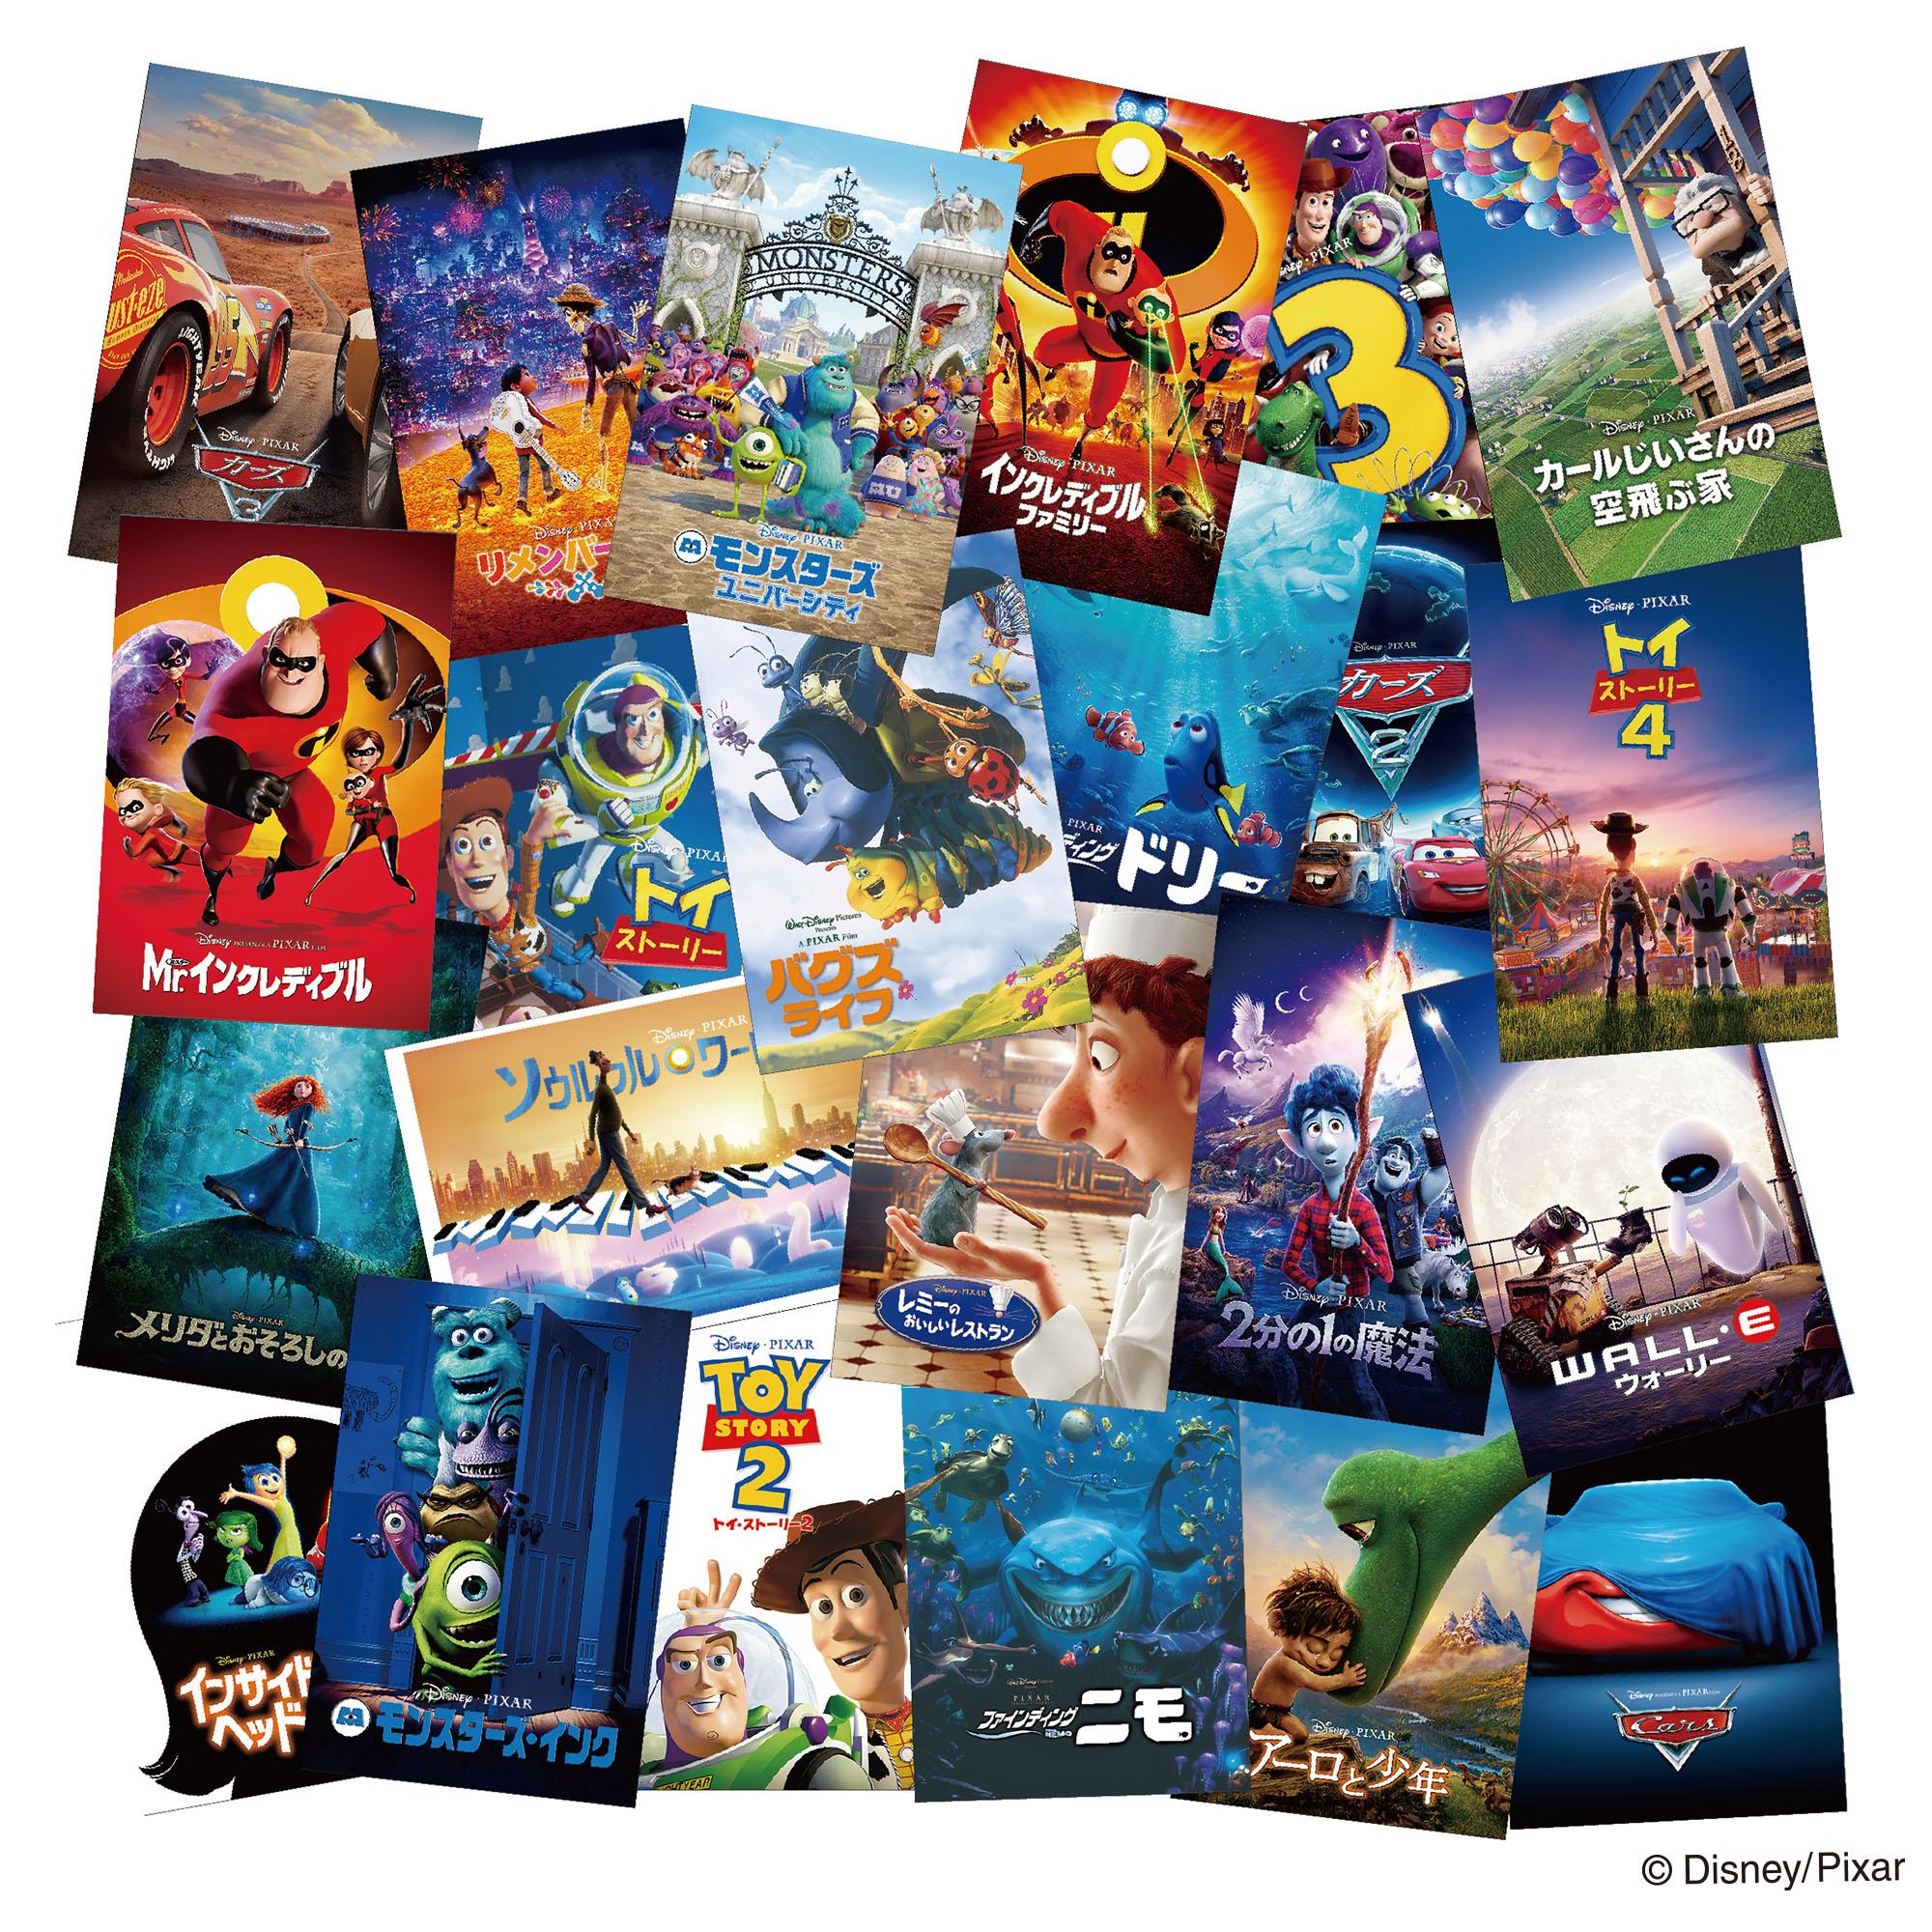 %e3%83%94%e3%82%af%e3%82%b5%e3%83%bc%e5%b1%95%e3%80%8epixar-pixar-pixar-18